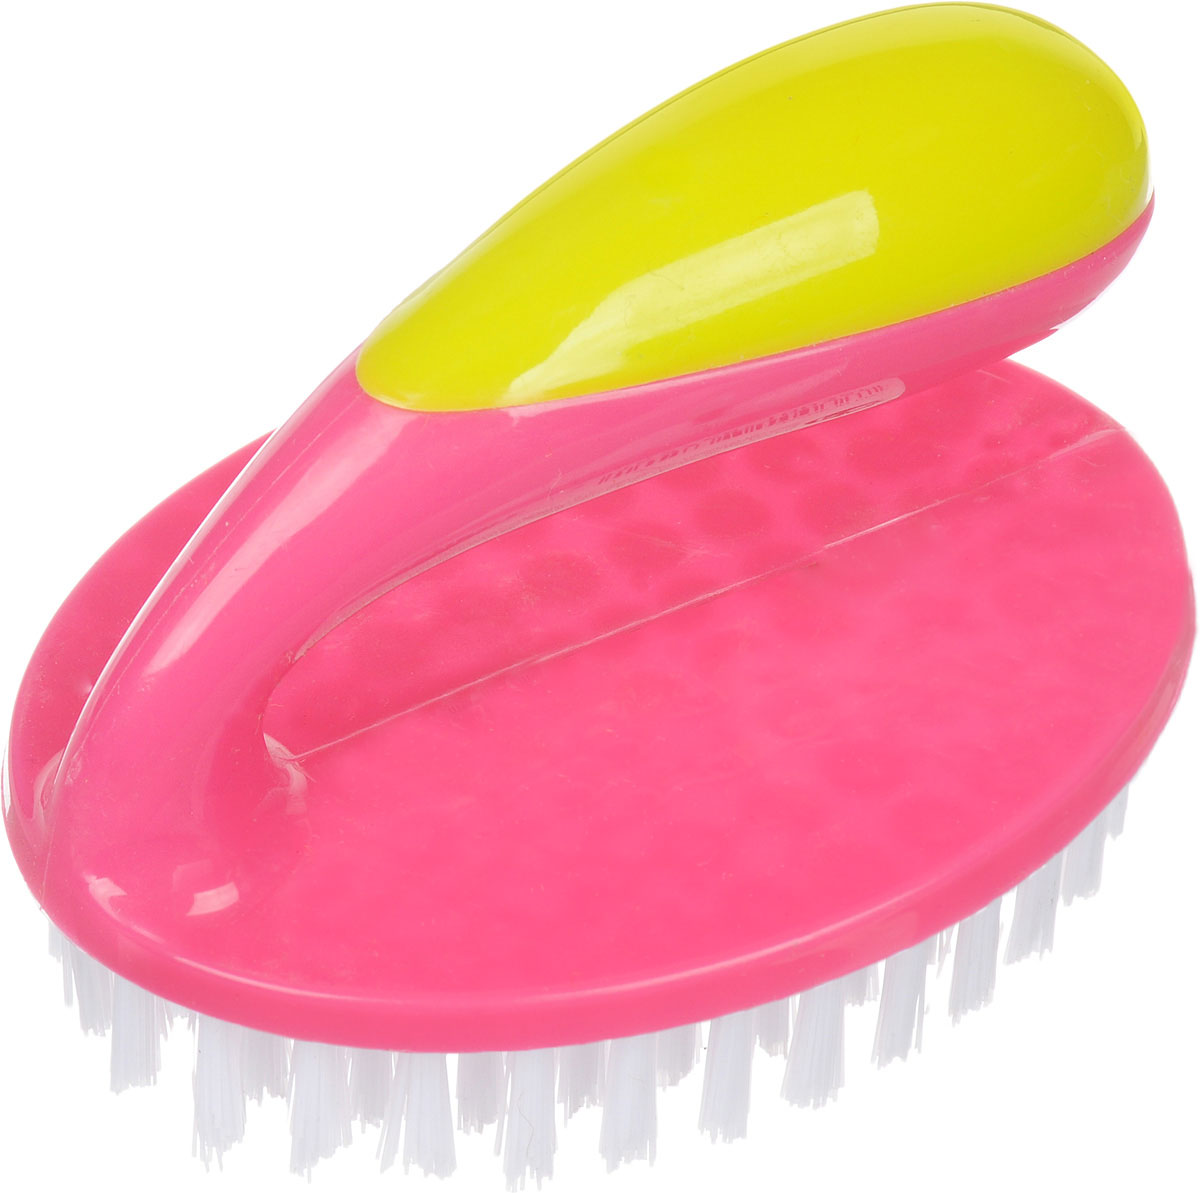 Щетка Rozenbal Basic, для пола, цвет: розовый, R810036 щетка для пола техническая бук plastic republic 50см sv3121нк